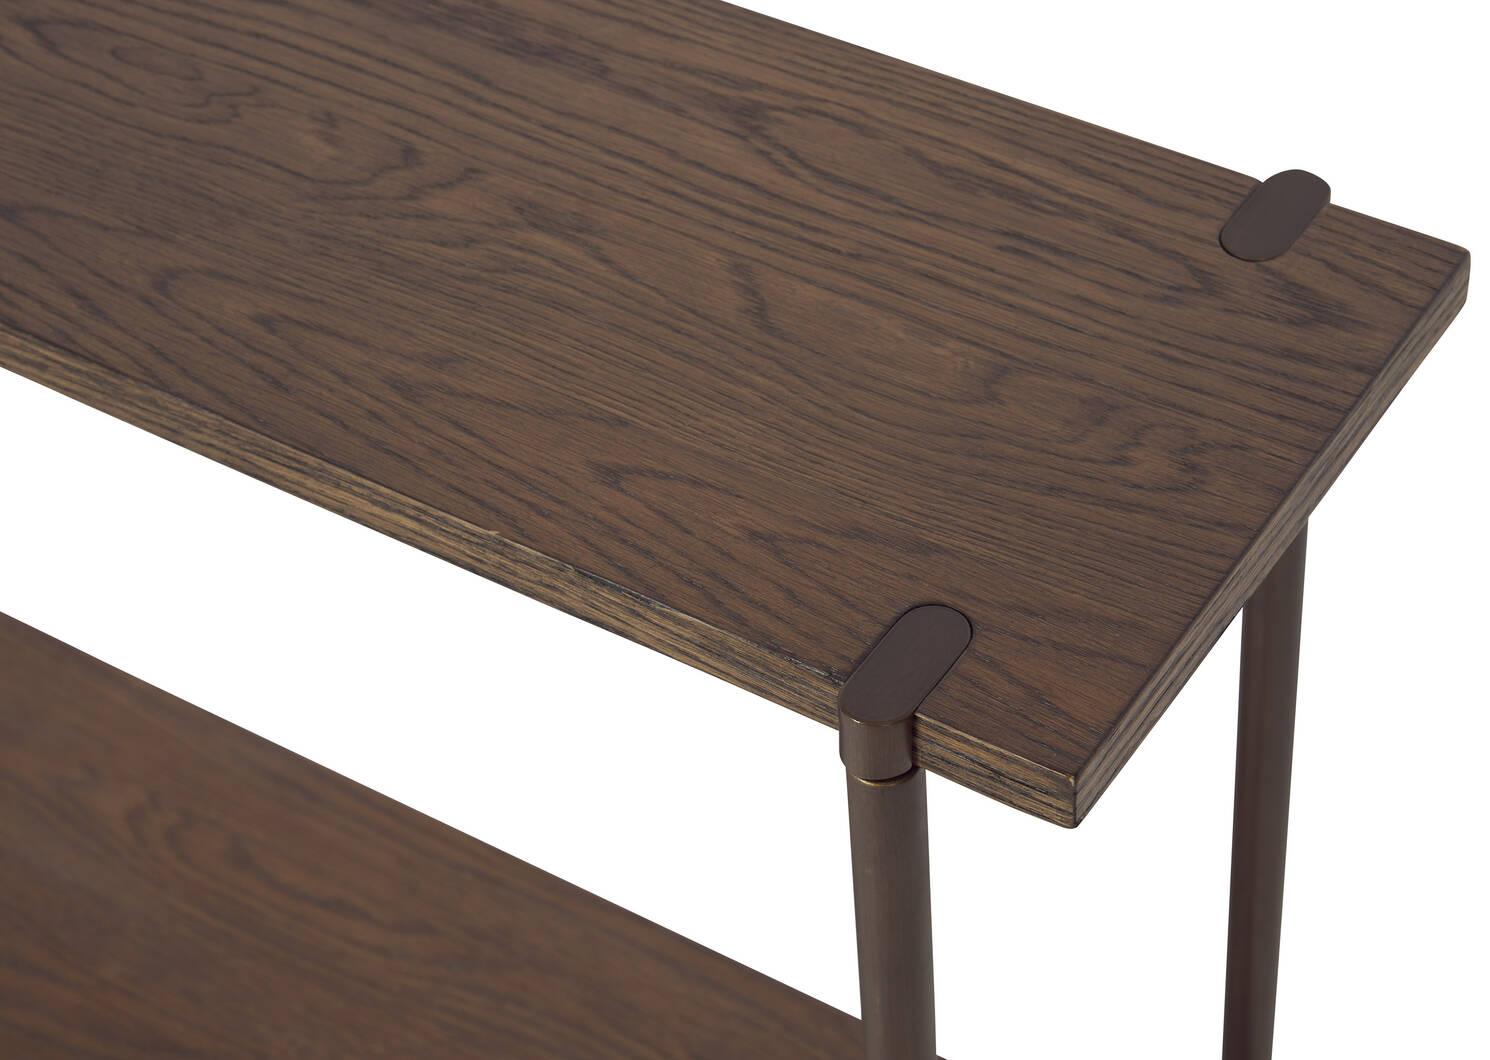 Table console Berkeley -Novad pacane